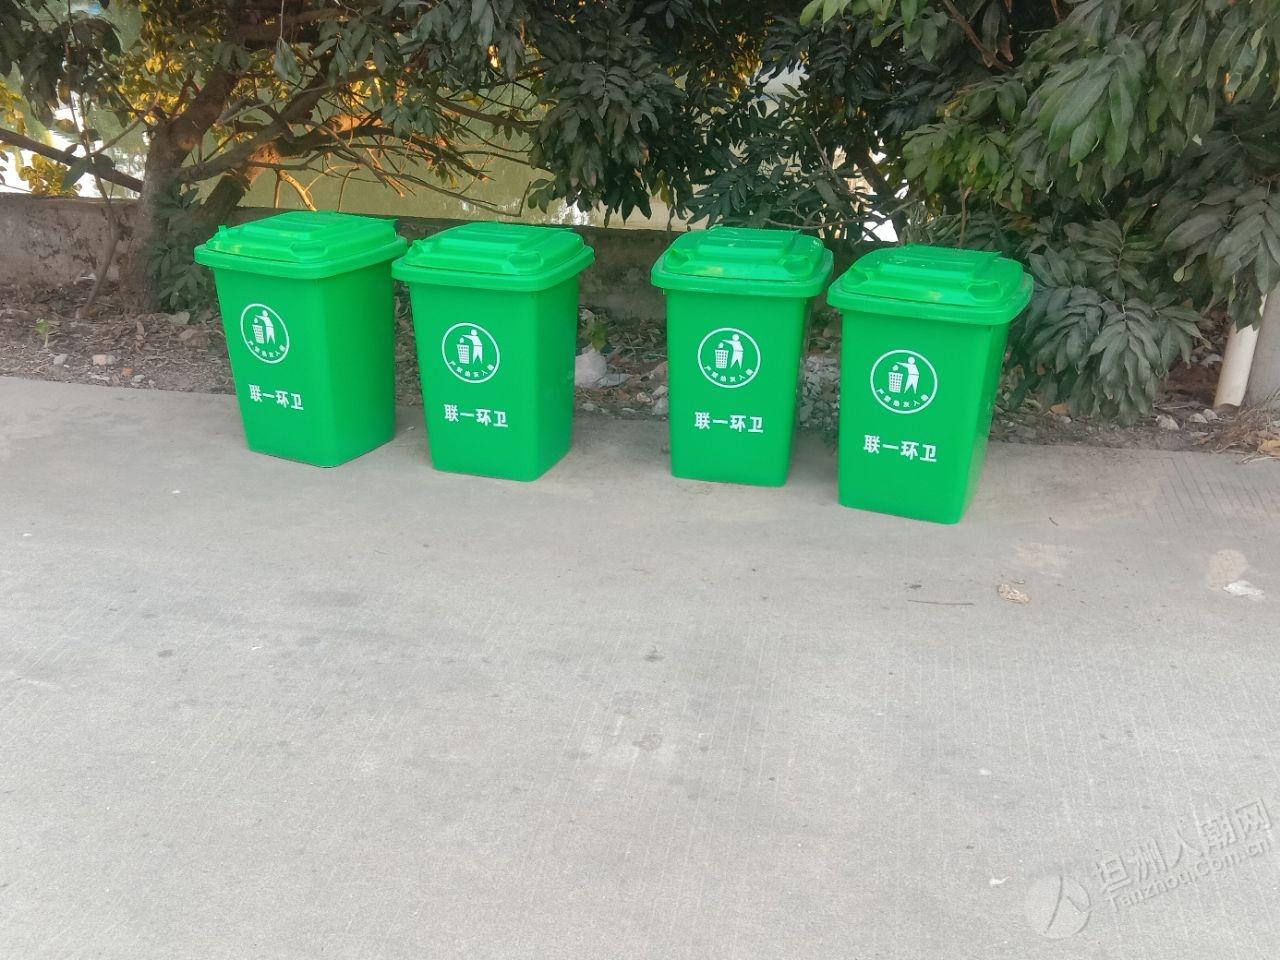 联一村的垃圾桶全换新的了!颜值杠杠的,你们村的有换吗?